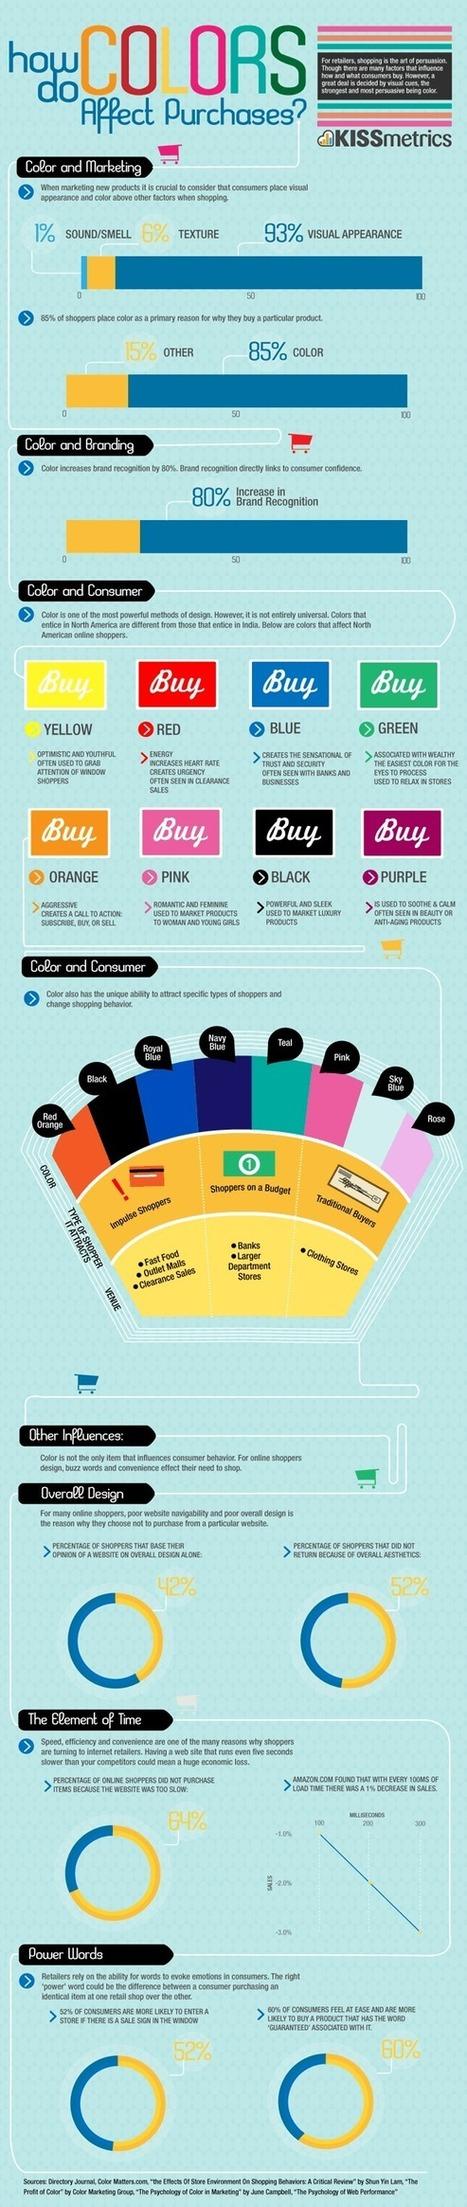 ¿Cómo afectan los colores al comprar? | El Mundo del Diseño Gráfico | Scoop.it